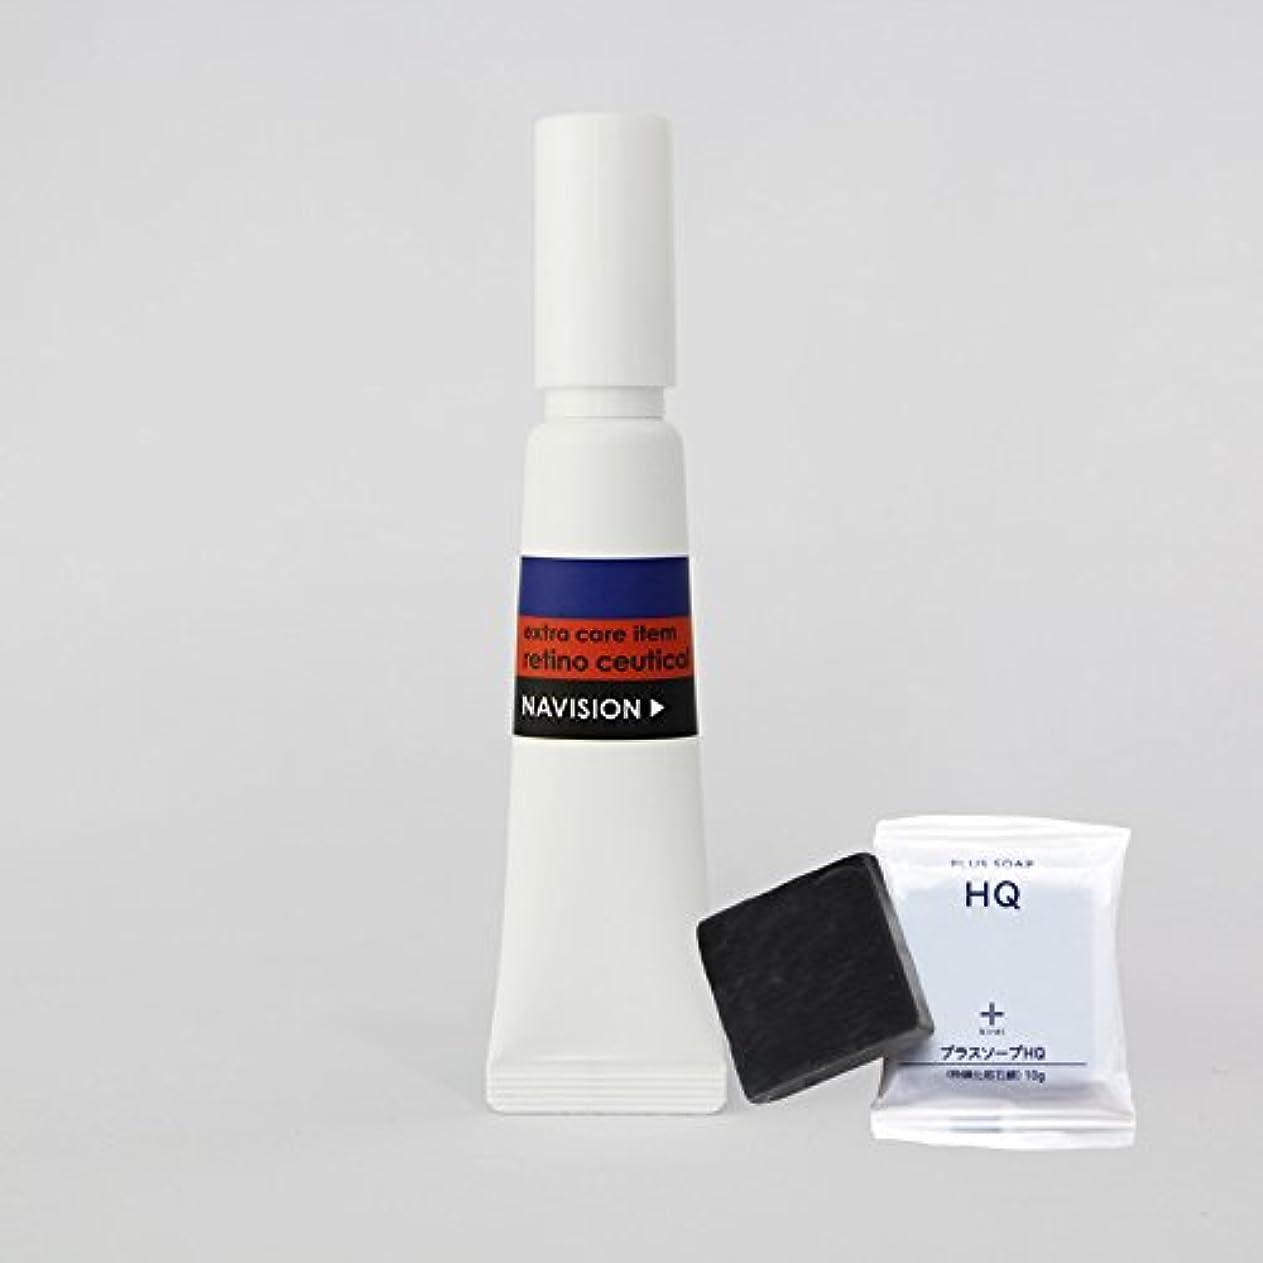 シンポジウム地震繊毛ナビジョン NAVISION レチノシューティカル 15g (医薬部外品) + プラスキレイ プラスソープHQミニ